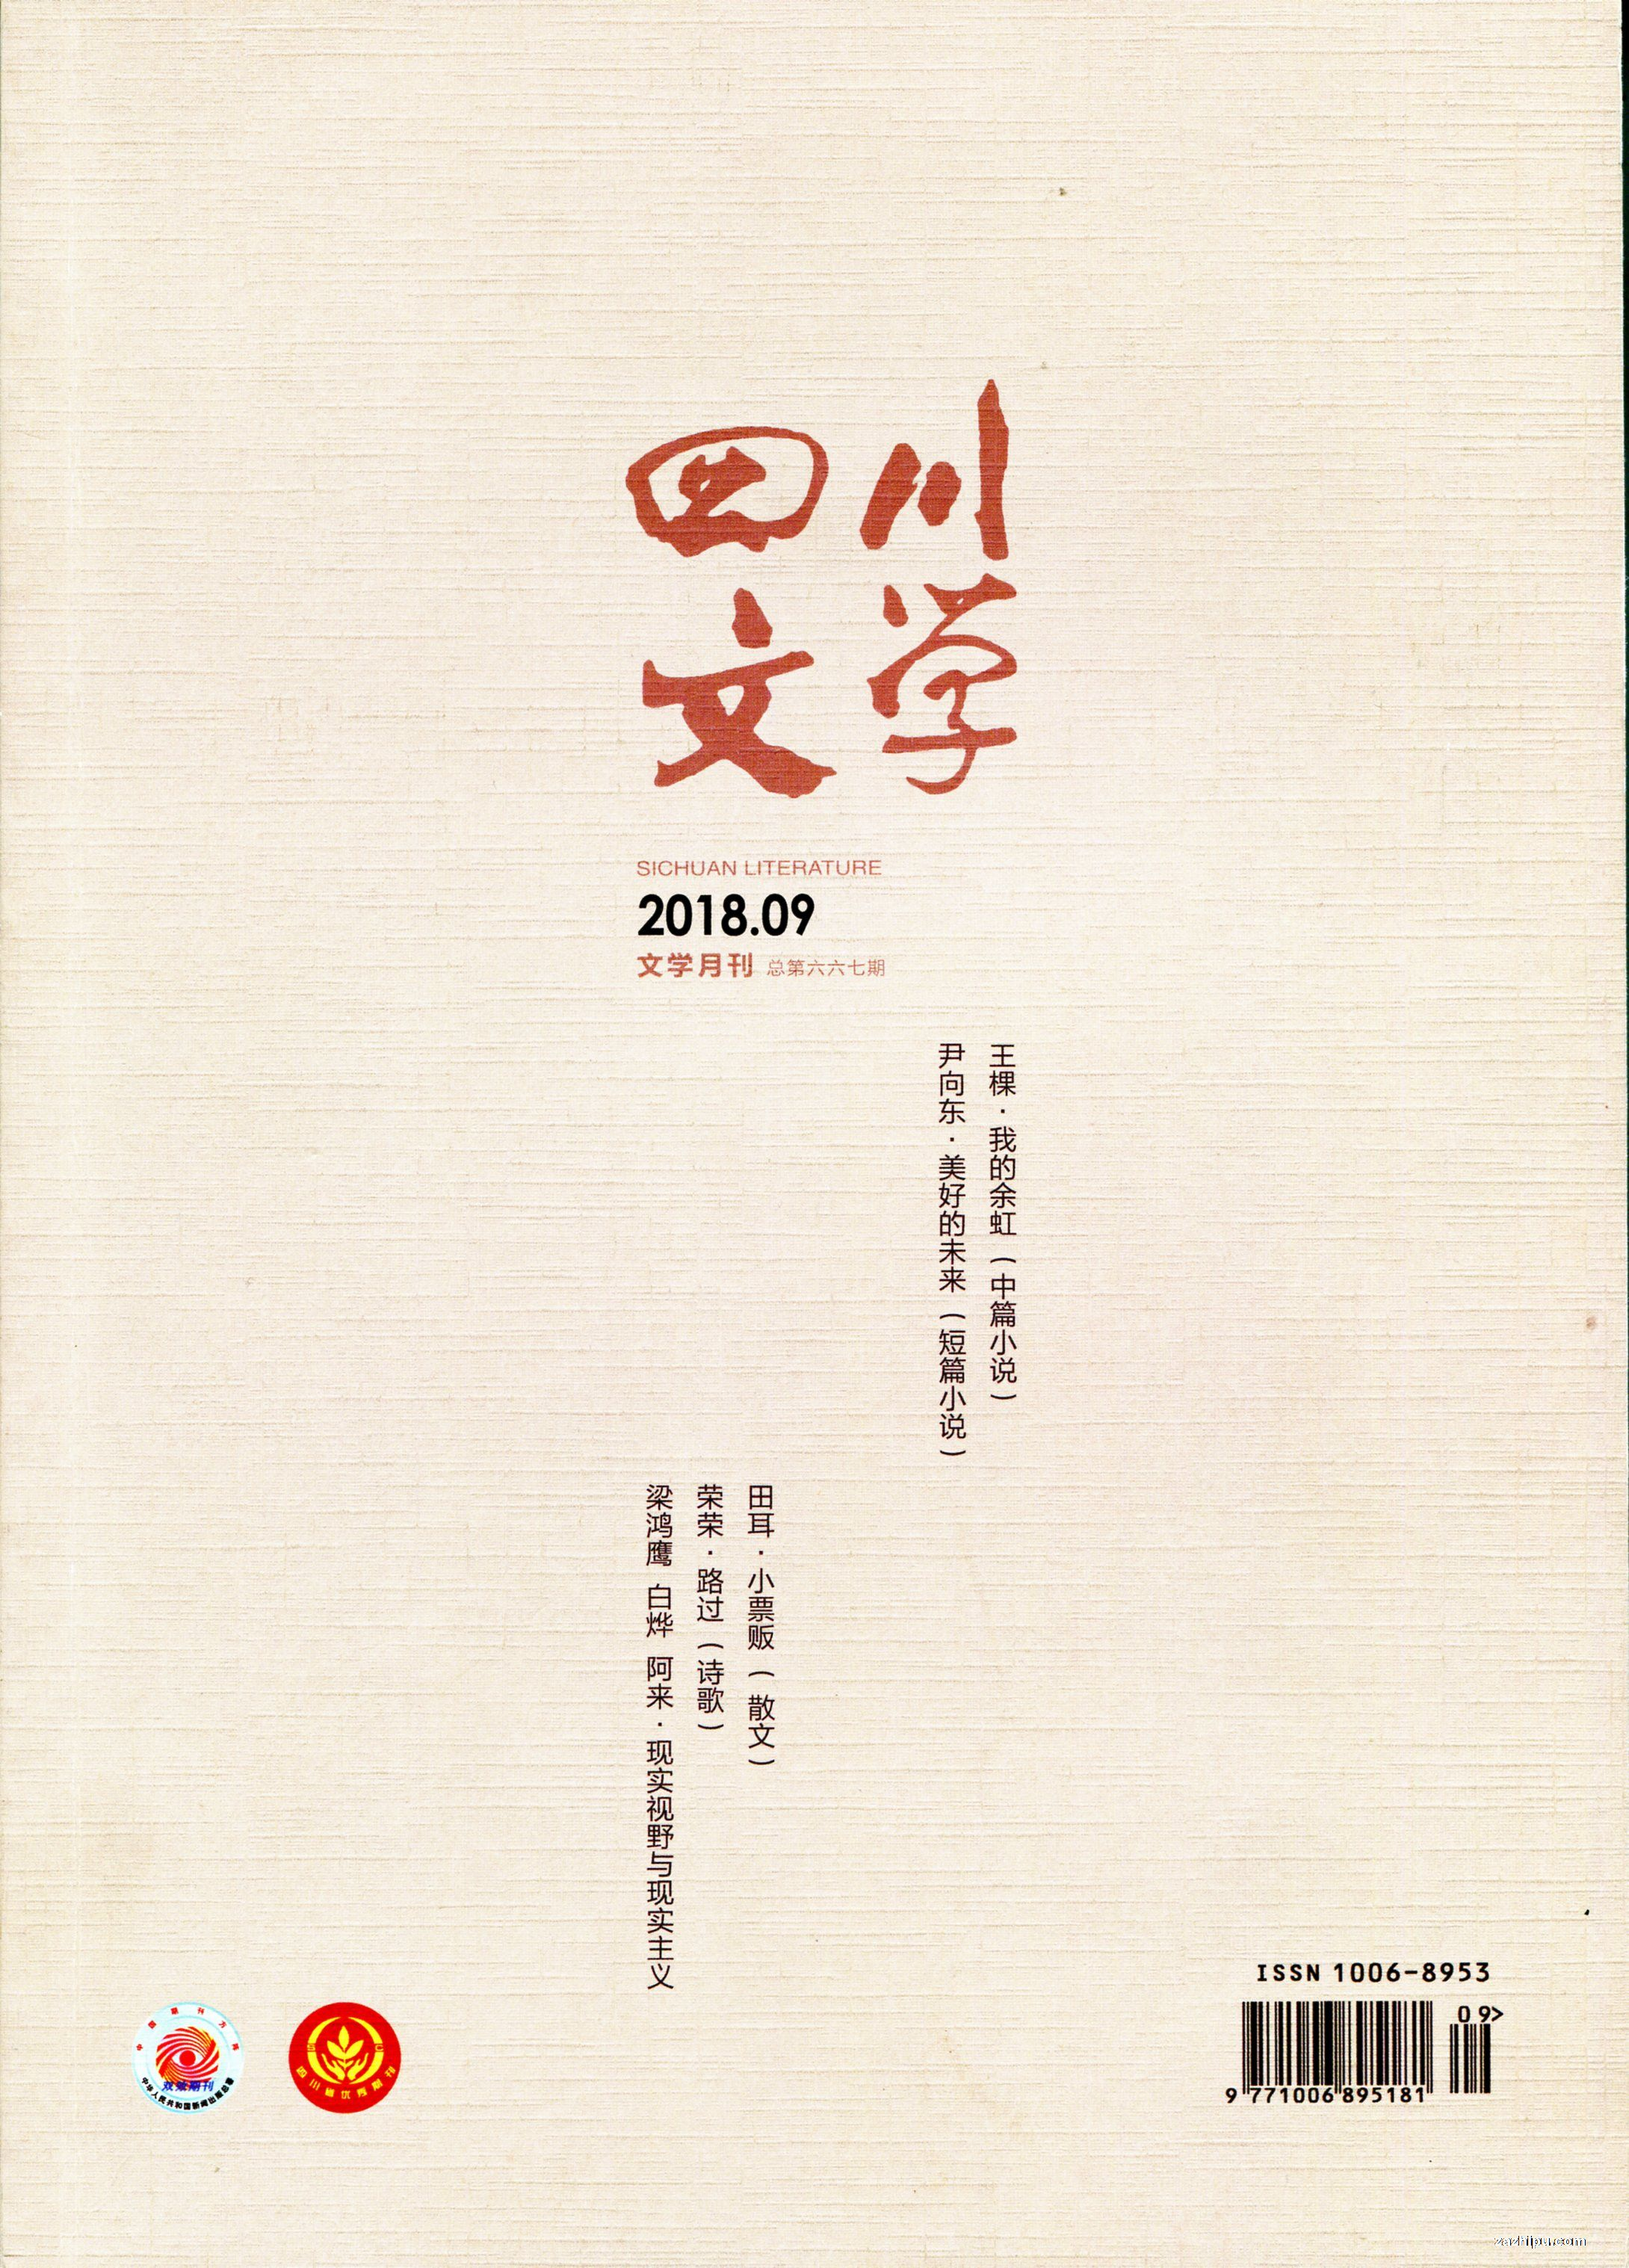 四川文学-杂志封面秀,精彩导读,杂志铺:杂志折扣订阅网